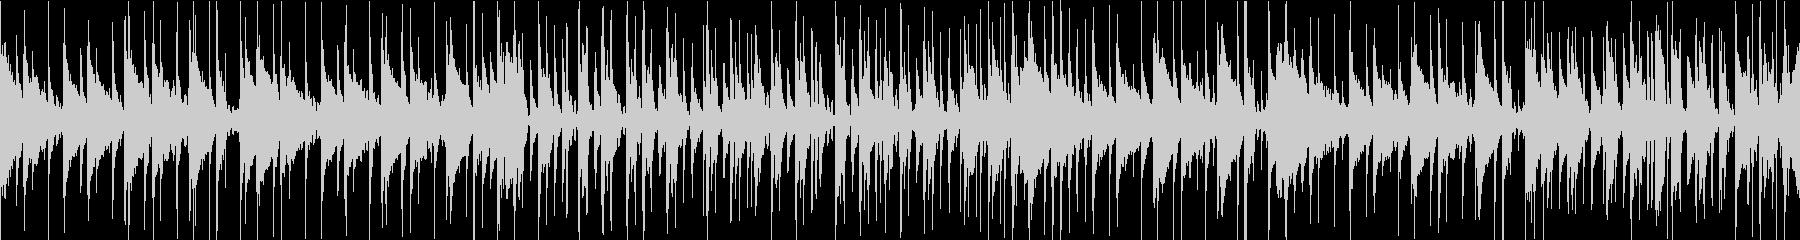 サラサラ ジャズ 実験的 ロック ...の未再生の波形